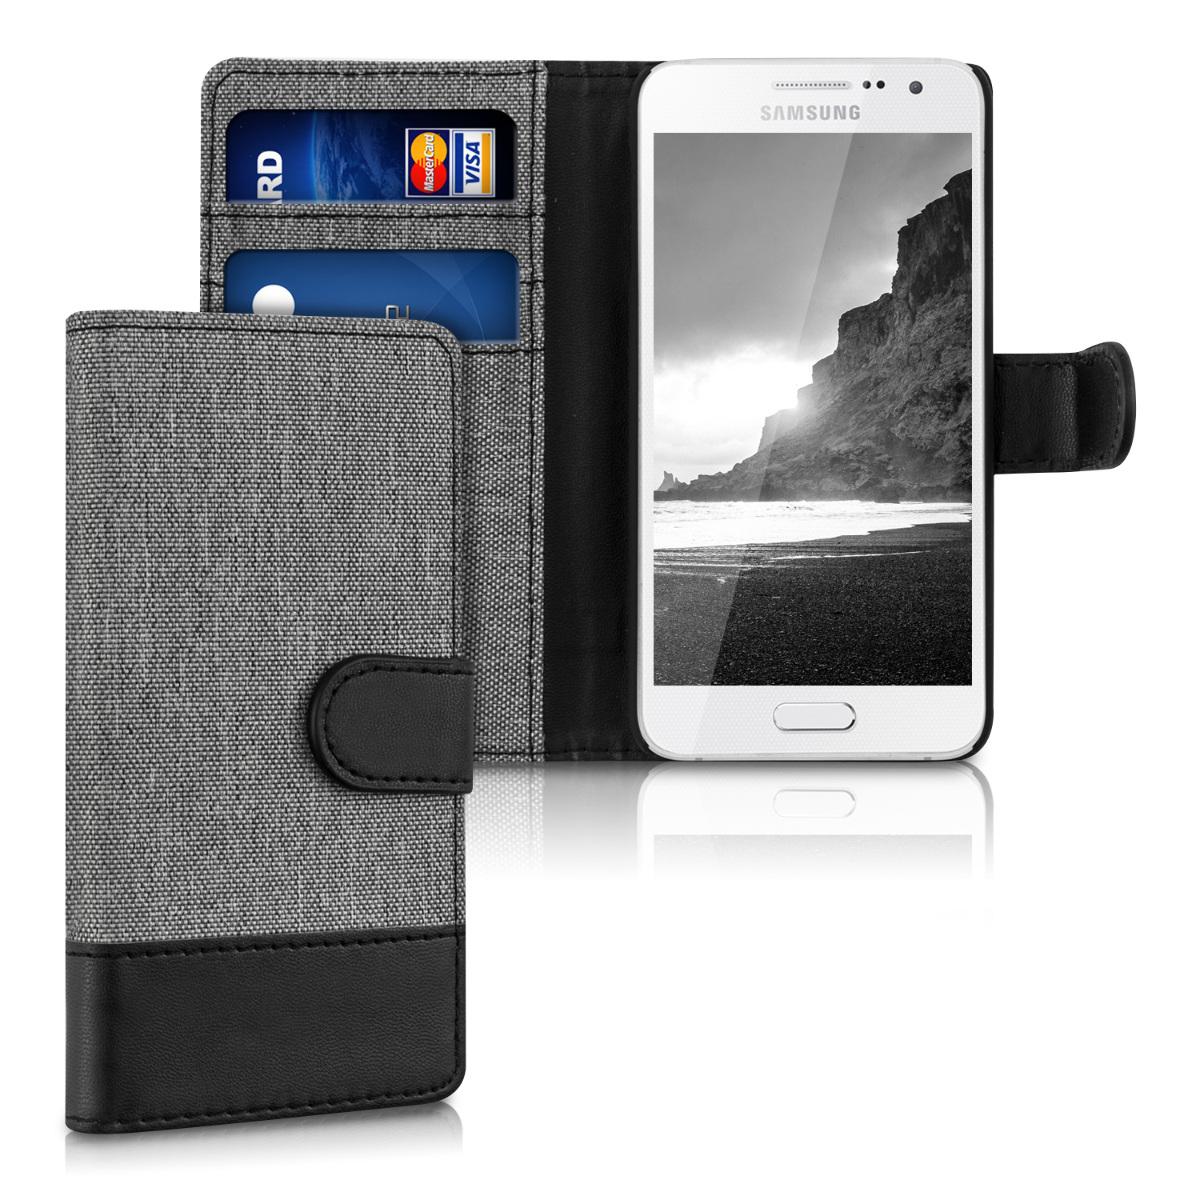 Fabricpouzdro pro Samsung A3 (2015) - šedé / černé